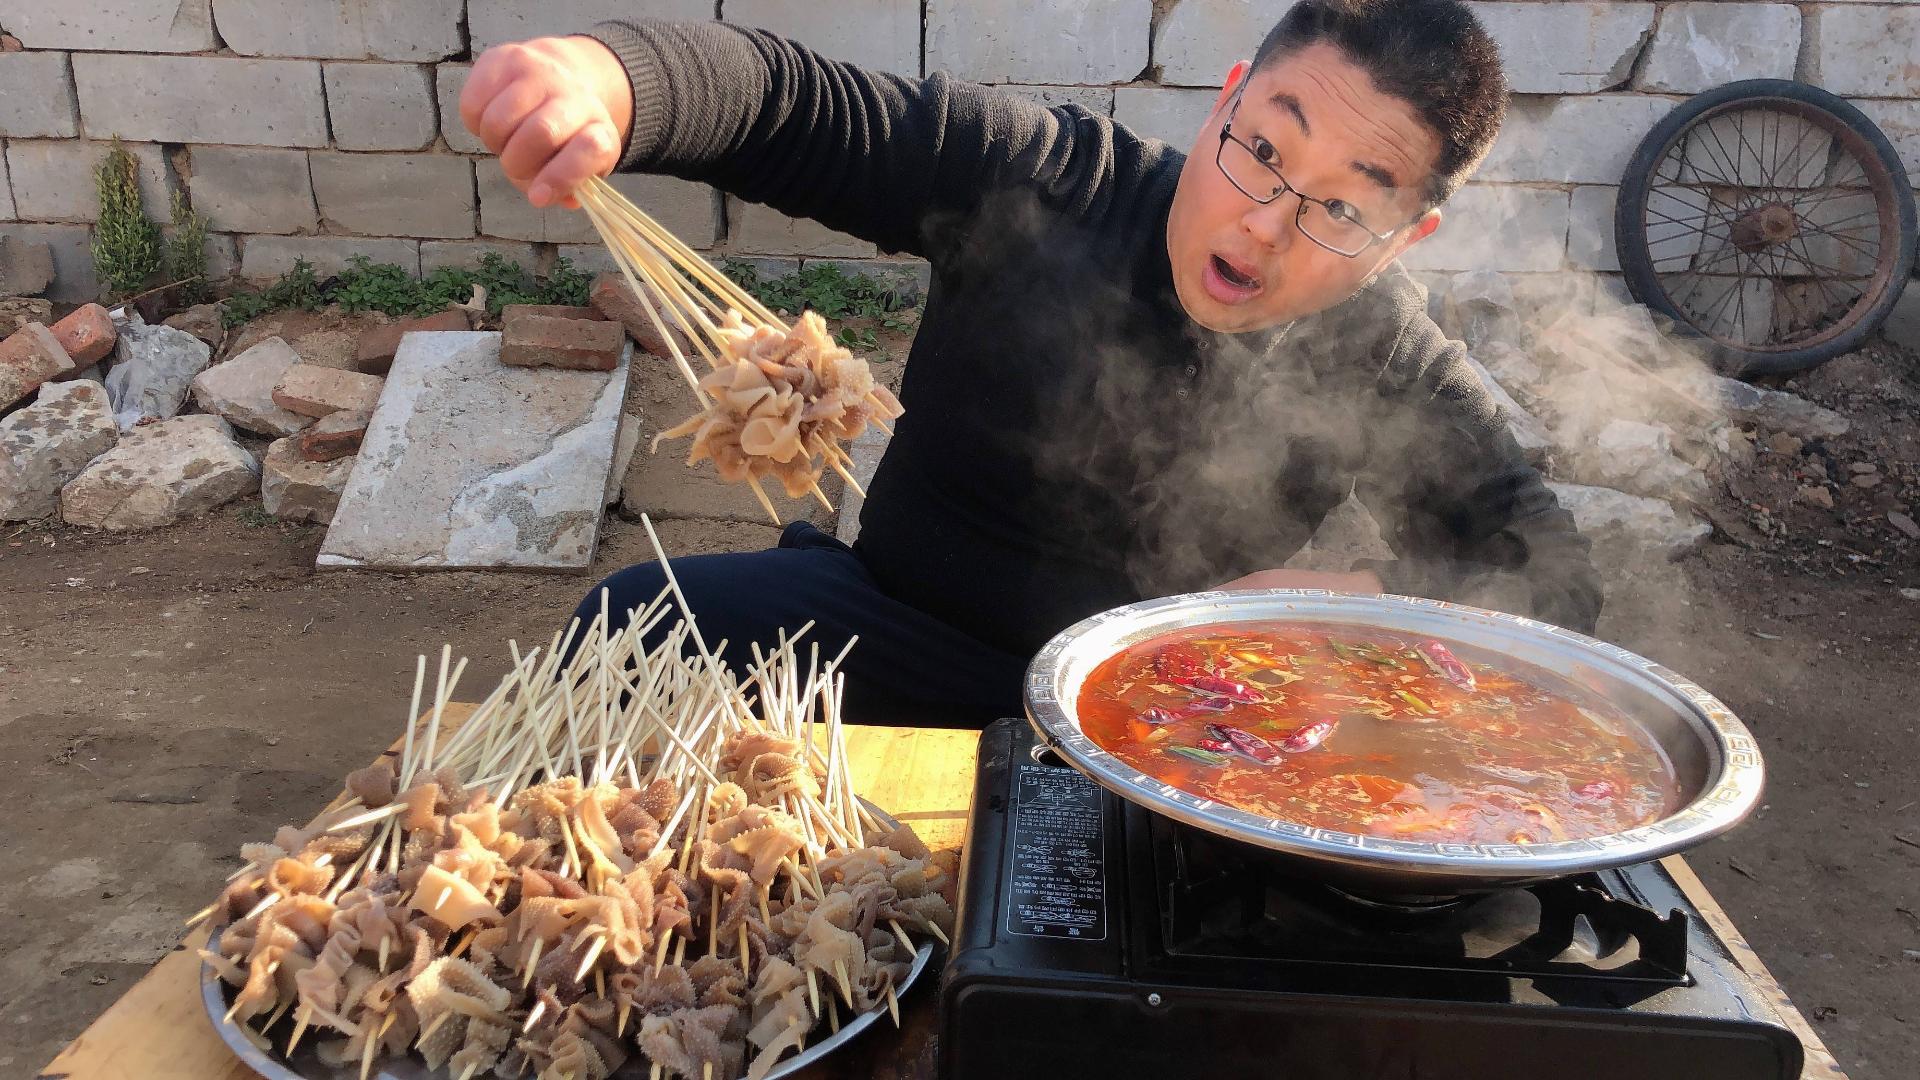 120元买3斤毛肚,在家自制涮肚,麻辣鲜香,两人吃了150串!